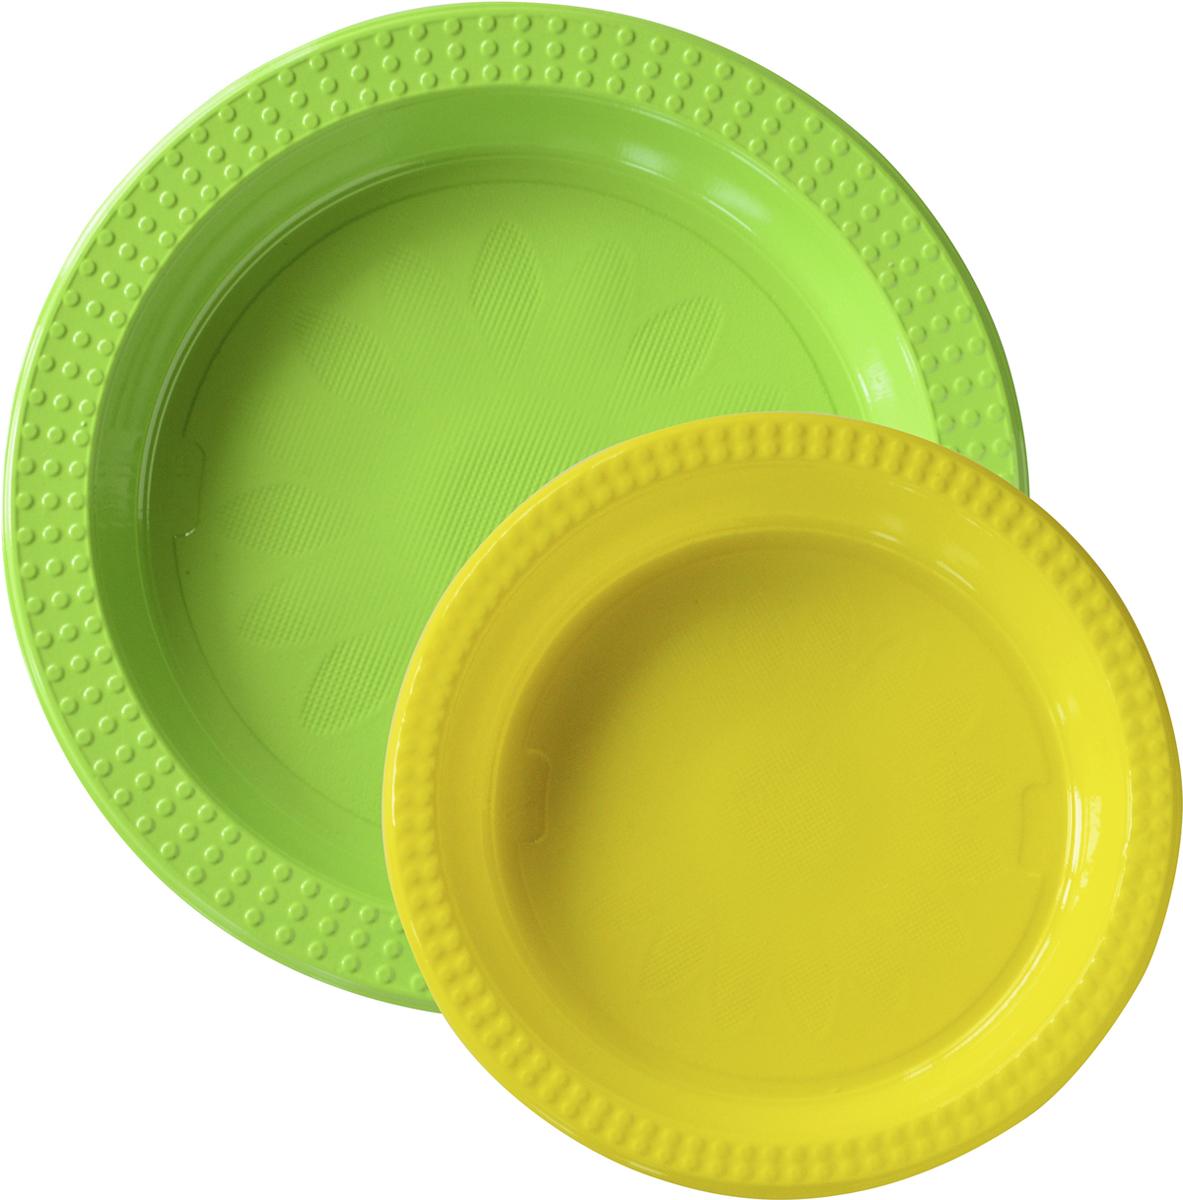 Тарелки пластиковые, 22см и 17см, в комплекте 20 шт167729Еда – одна из важнейших частей нашей жизни. Еда объединяет разных людей. Впечатляющая сервировка стола вдохновит любое застолье и превратит его в запоминающийся момент – для всех чувств, не только вкуса. Мы не только простой производитель салфеток, скатертей, свечек, чашек, тарелок и ножей с вилками. Мы – создатель атмосферы, вдохновения и сюрпризов – все это основные части обеда, ужина, вечеринки или незабываемого пикника. Используя современные инновации, скандинавский дизайн и опыт накопленный столетиями, мы сделаем вашу трапезу незабываемым праздником.